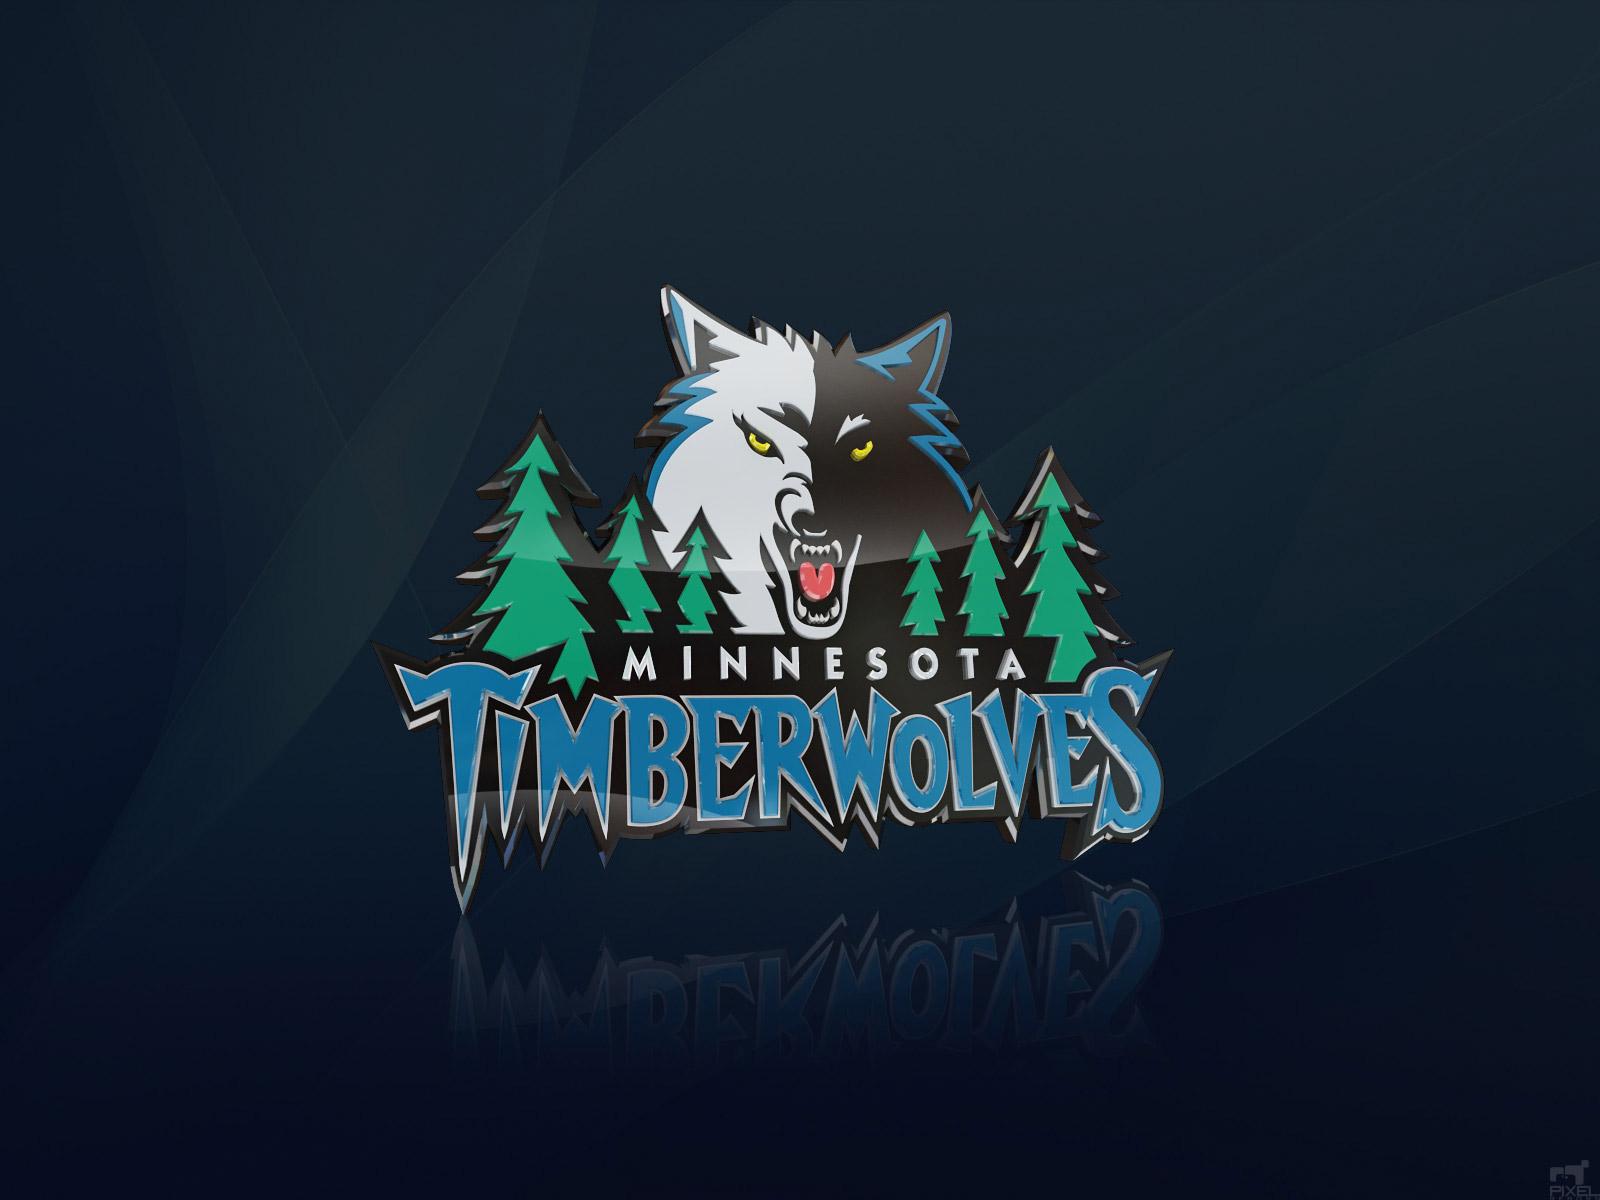 Minnesota timberwolves Wallpaper 5   1600 X 1200 stmednet 1600x1200